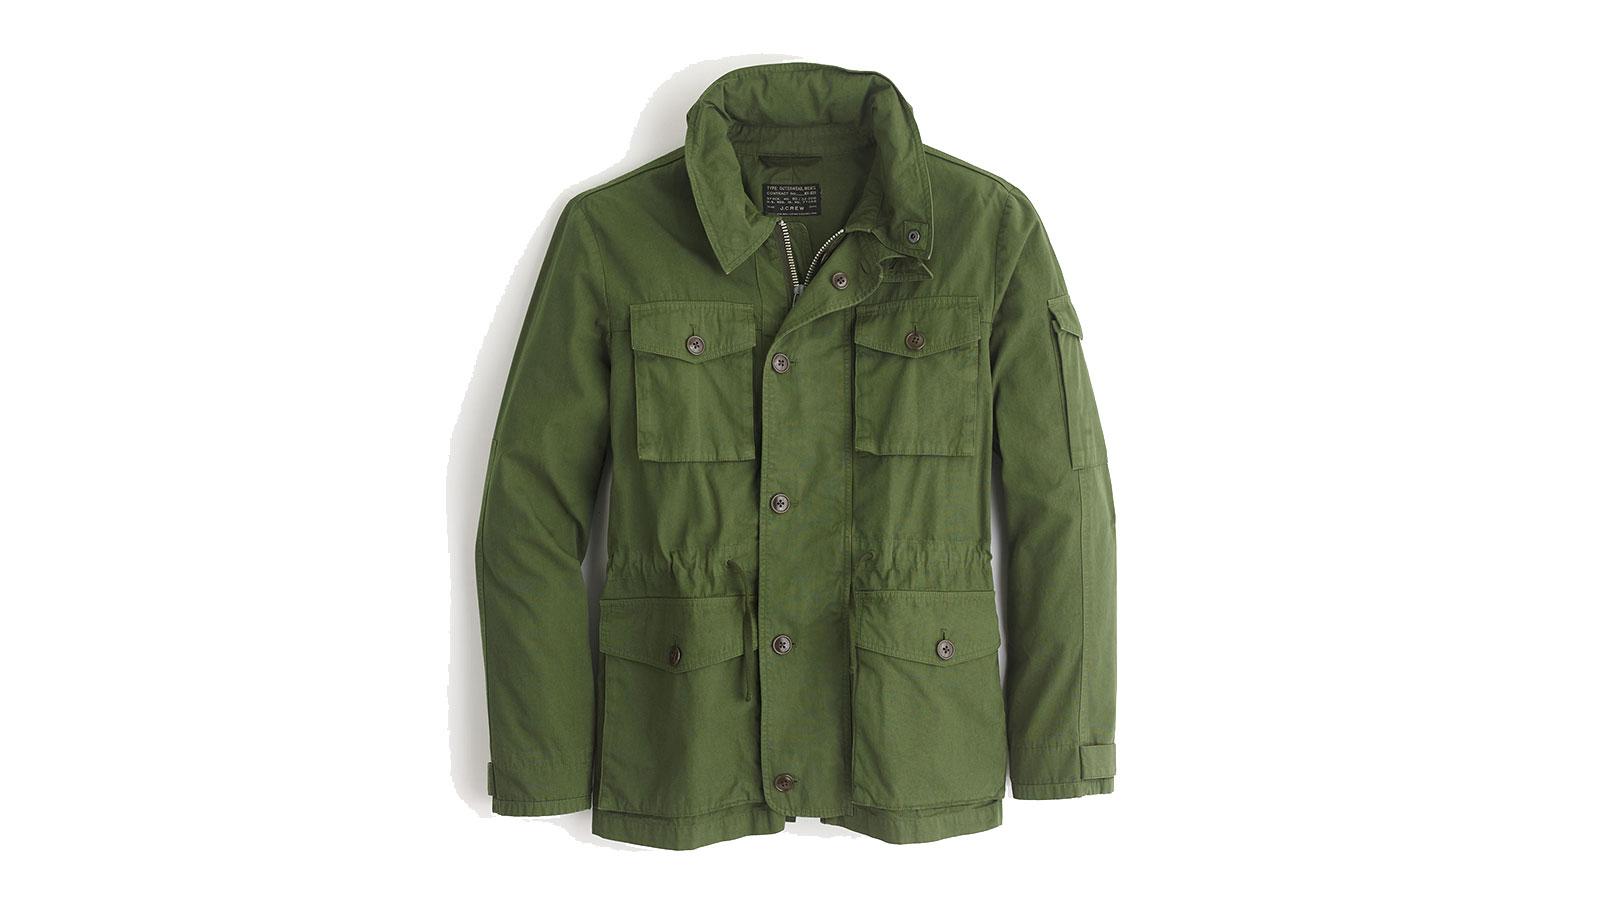 j-crew-field-mechanic-jacket-1